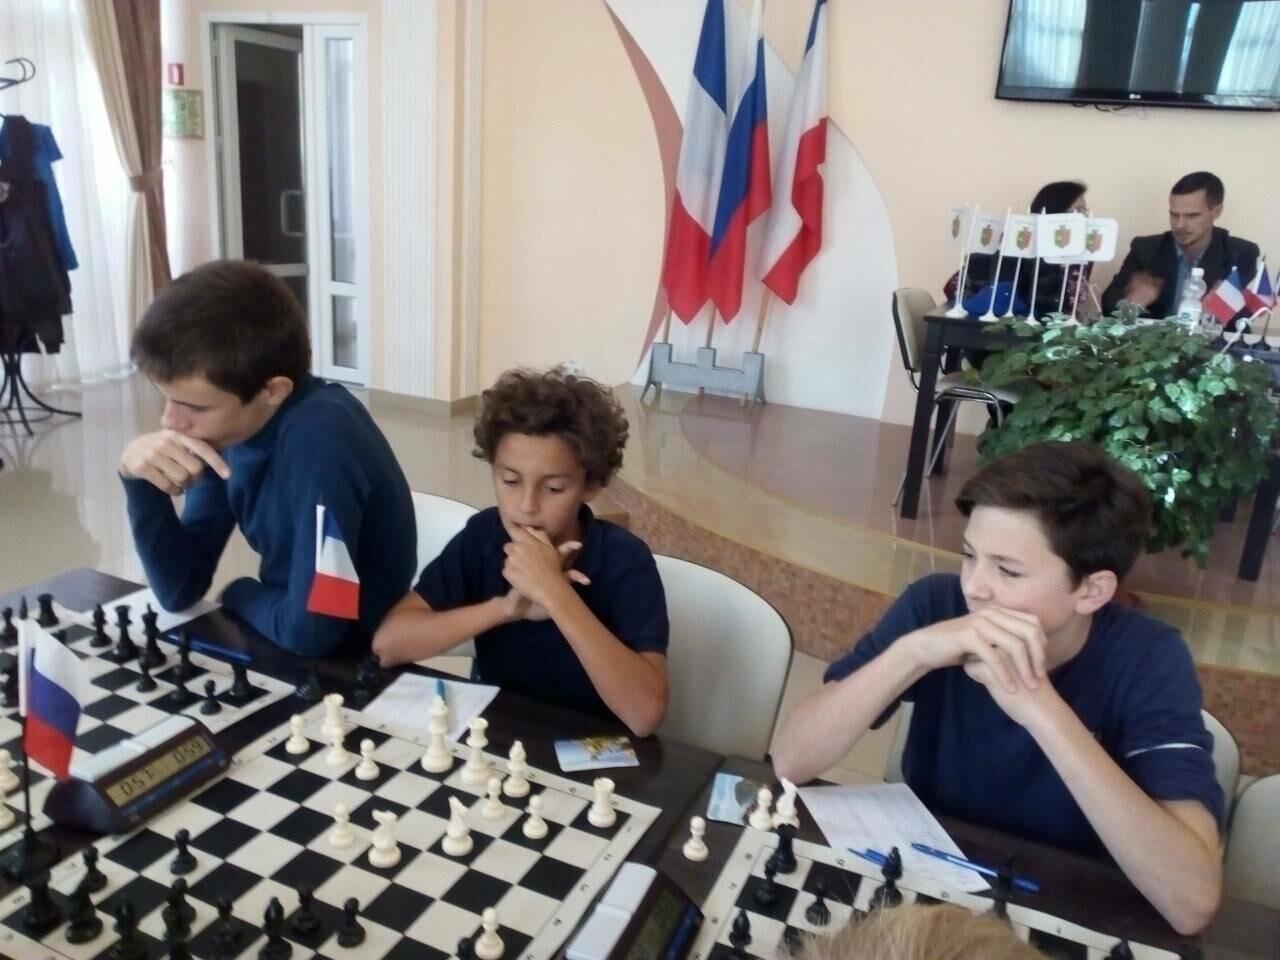 Юные ялтинские шахматисты одержали победу над молодежной командой Франции, фото-2